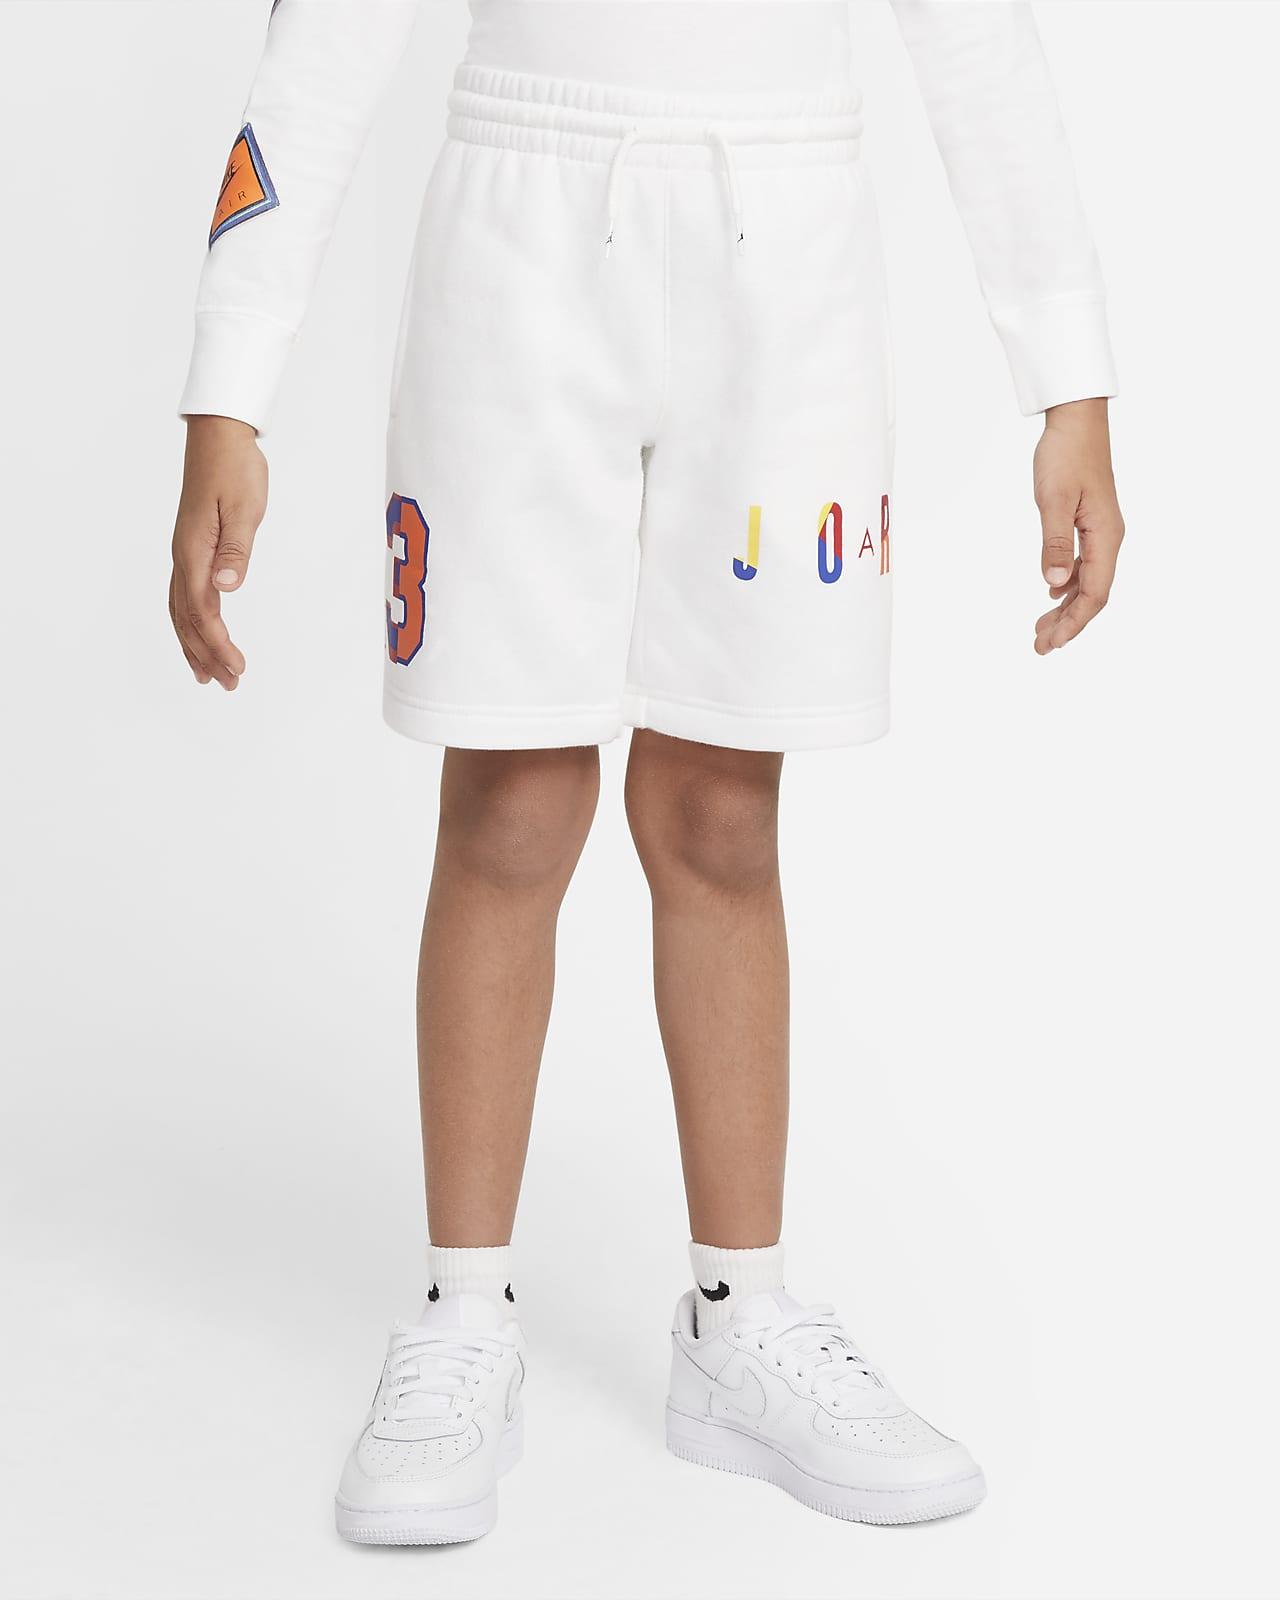 Calções de lã cardada Jordan Air para criança